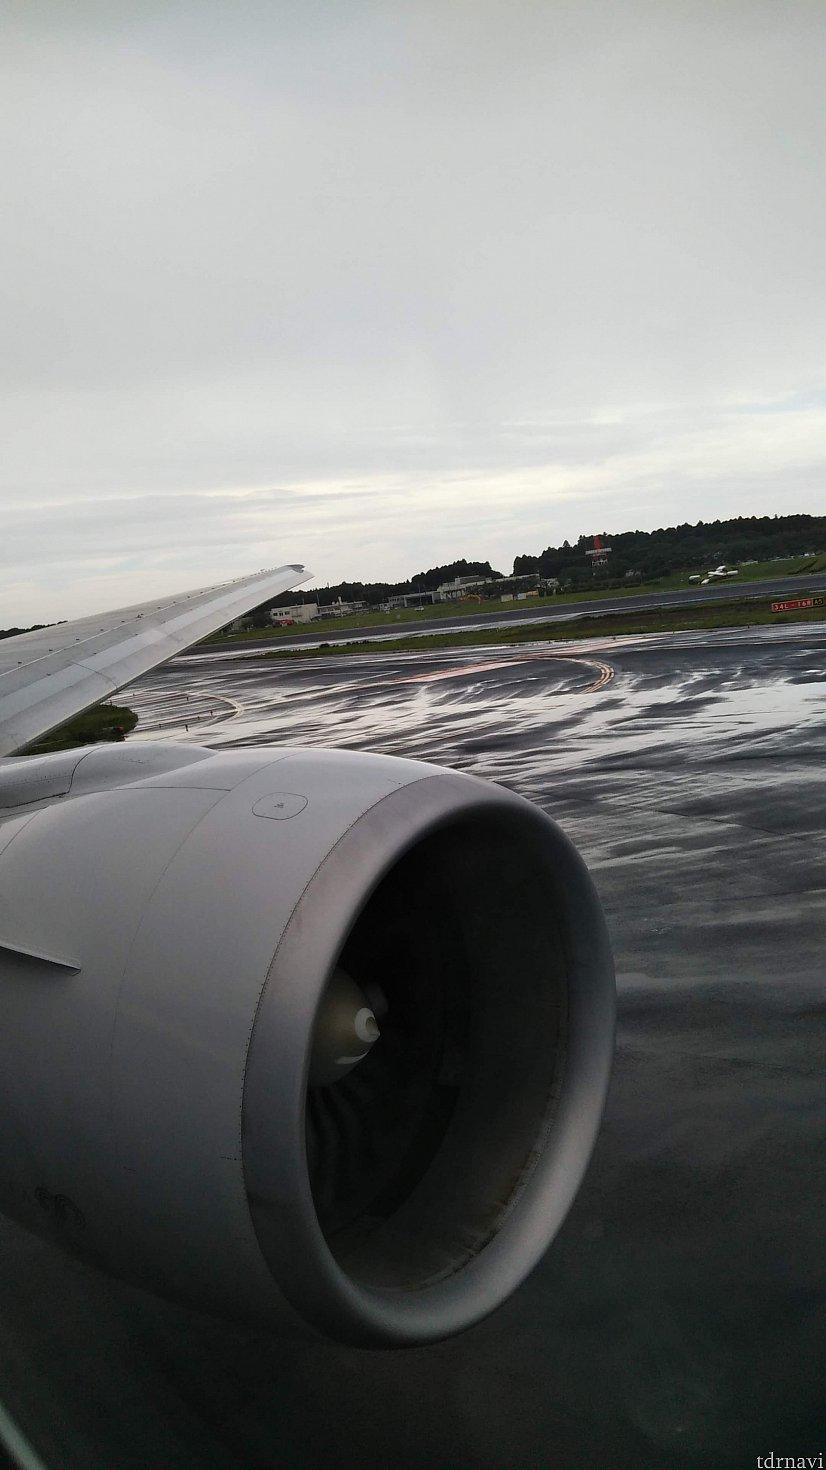 飛行機が滑走路に向かい始めました。 この瞬間、ワクワクする! ジェットみたいなやつ、大きくて迫力あるなぁ。